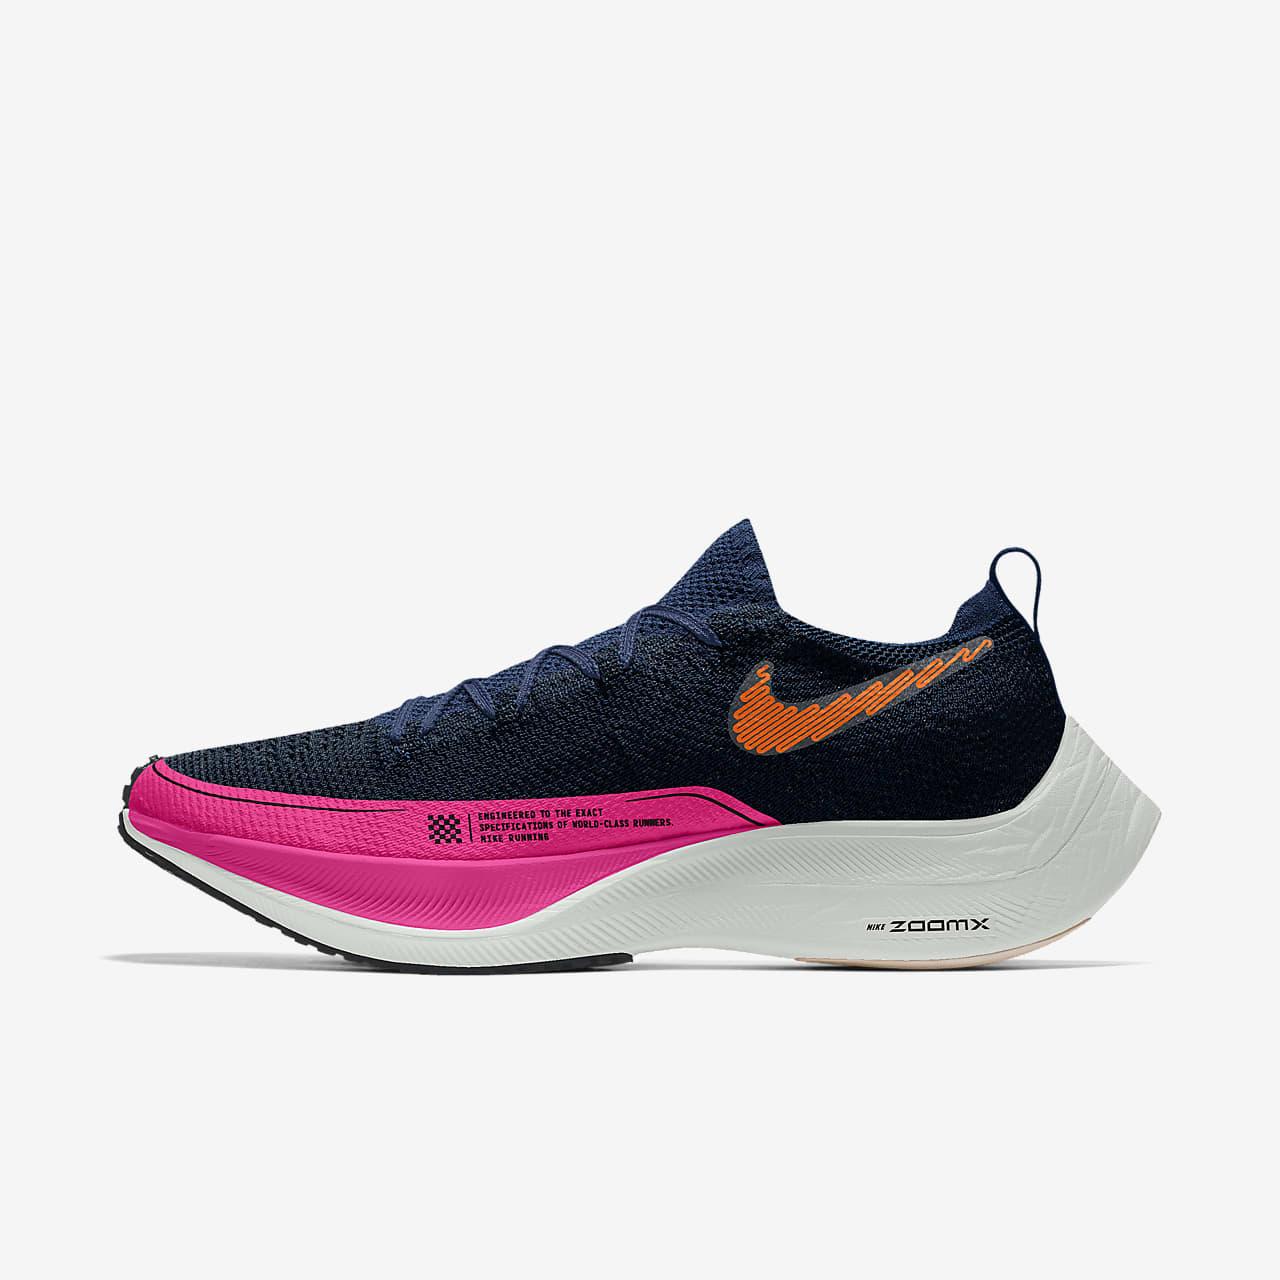 Sapatilhas de competição para estrada Nike ZoomX Vaporfly NEXT% 2 By You para mulher